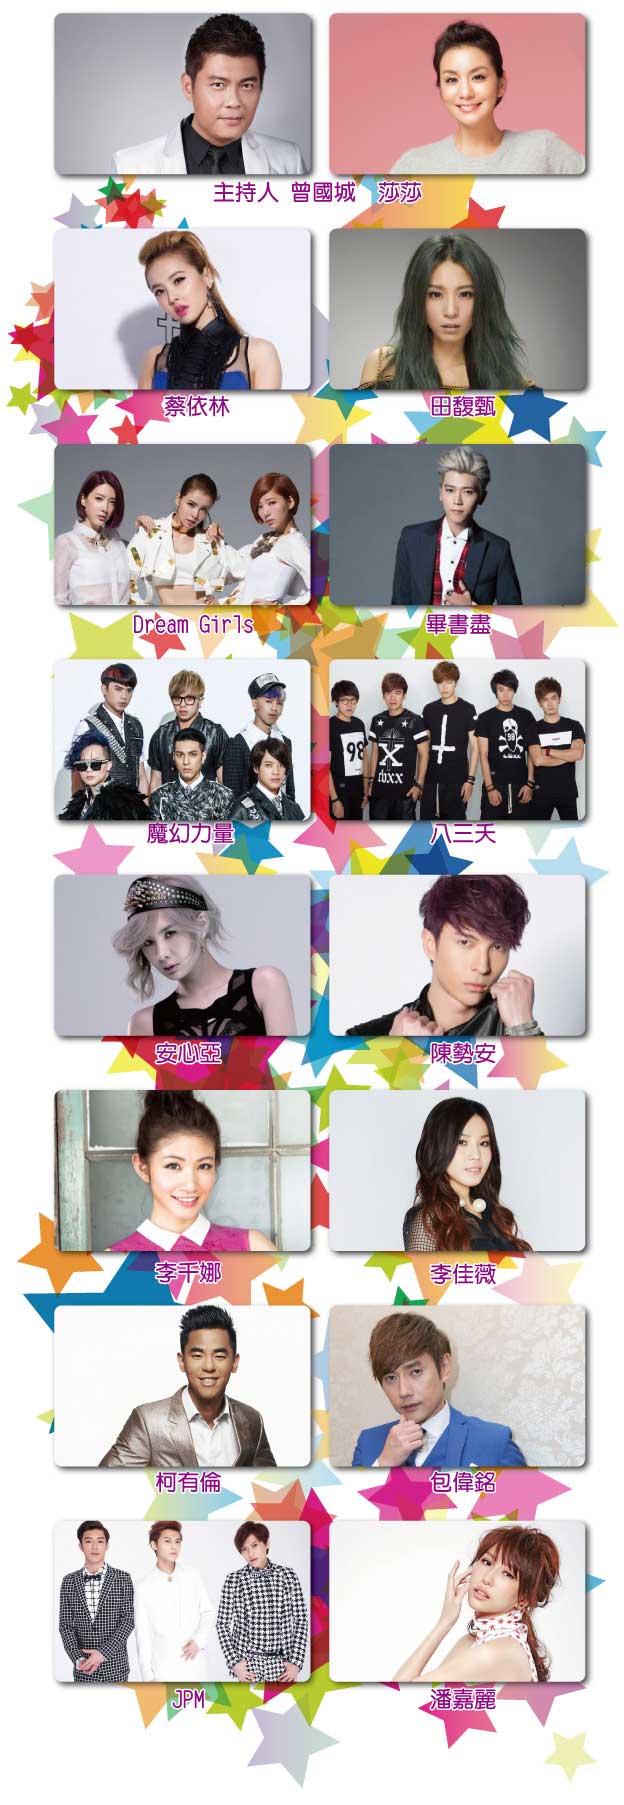 03-cast.jpg